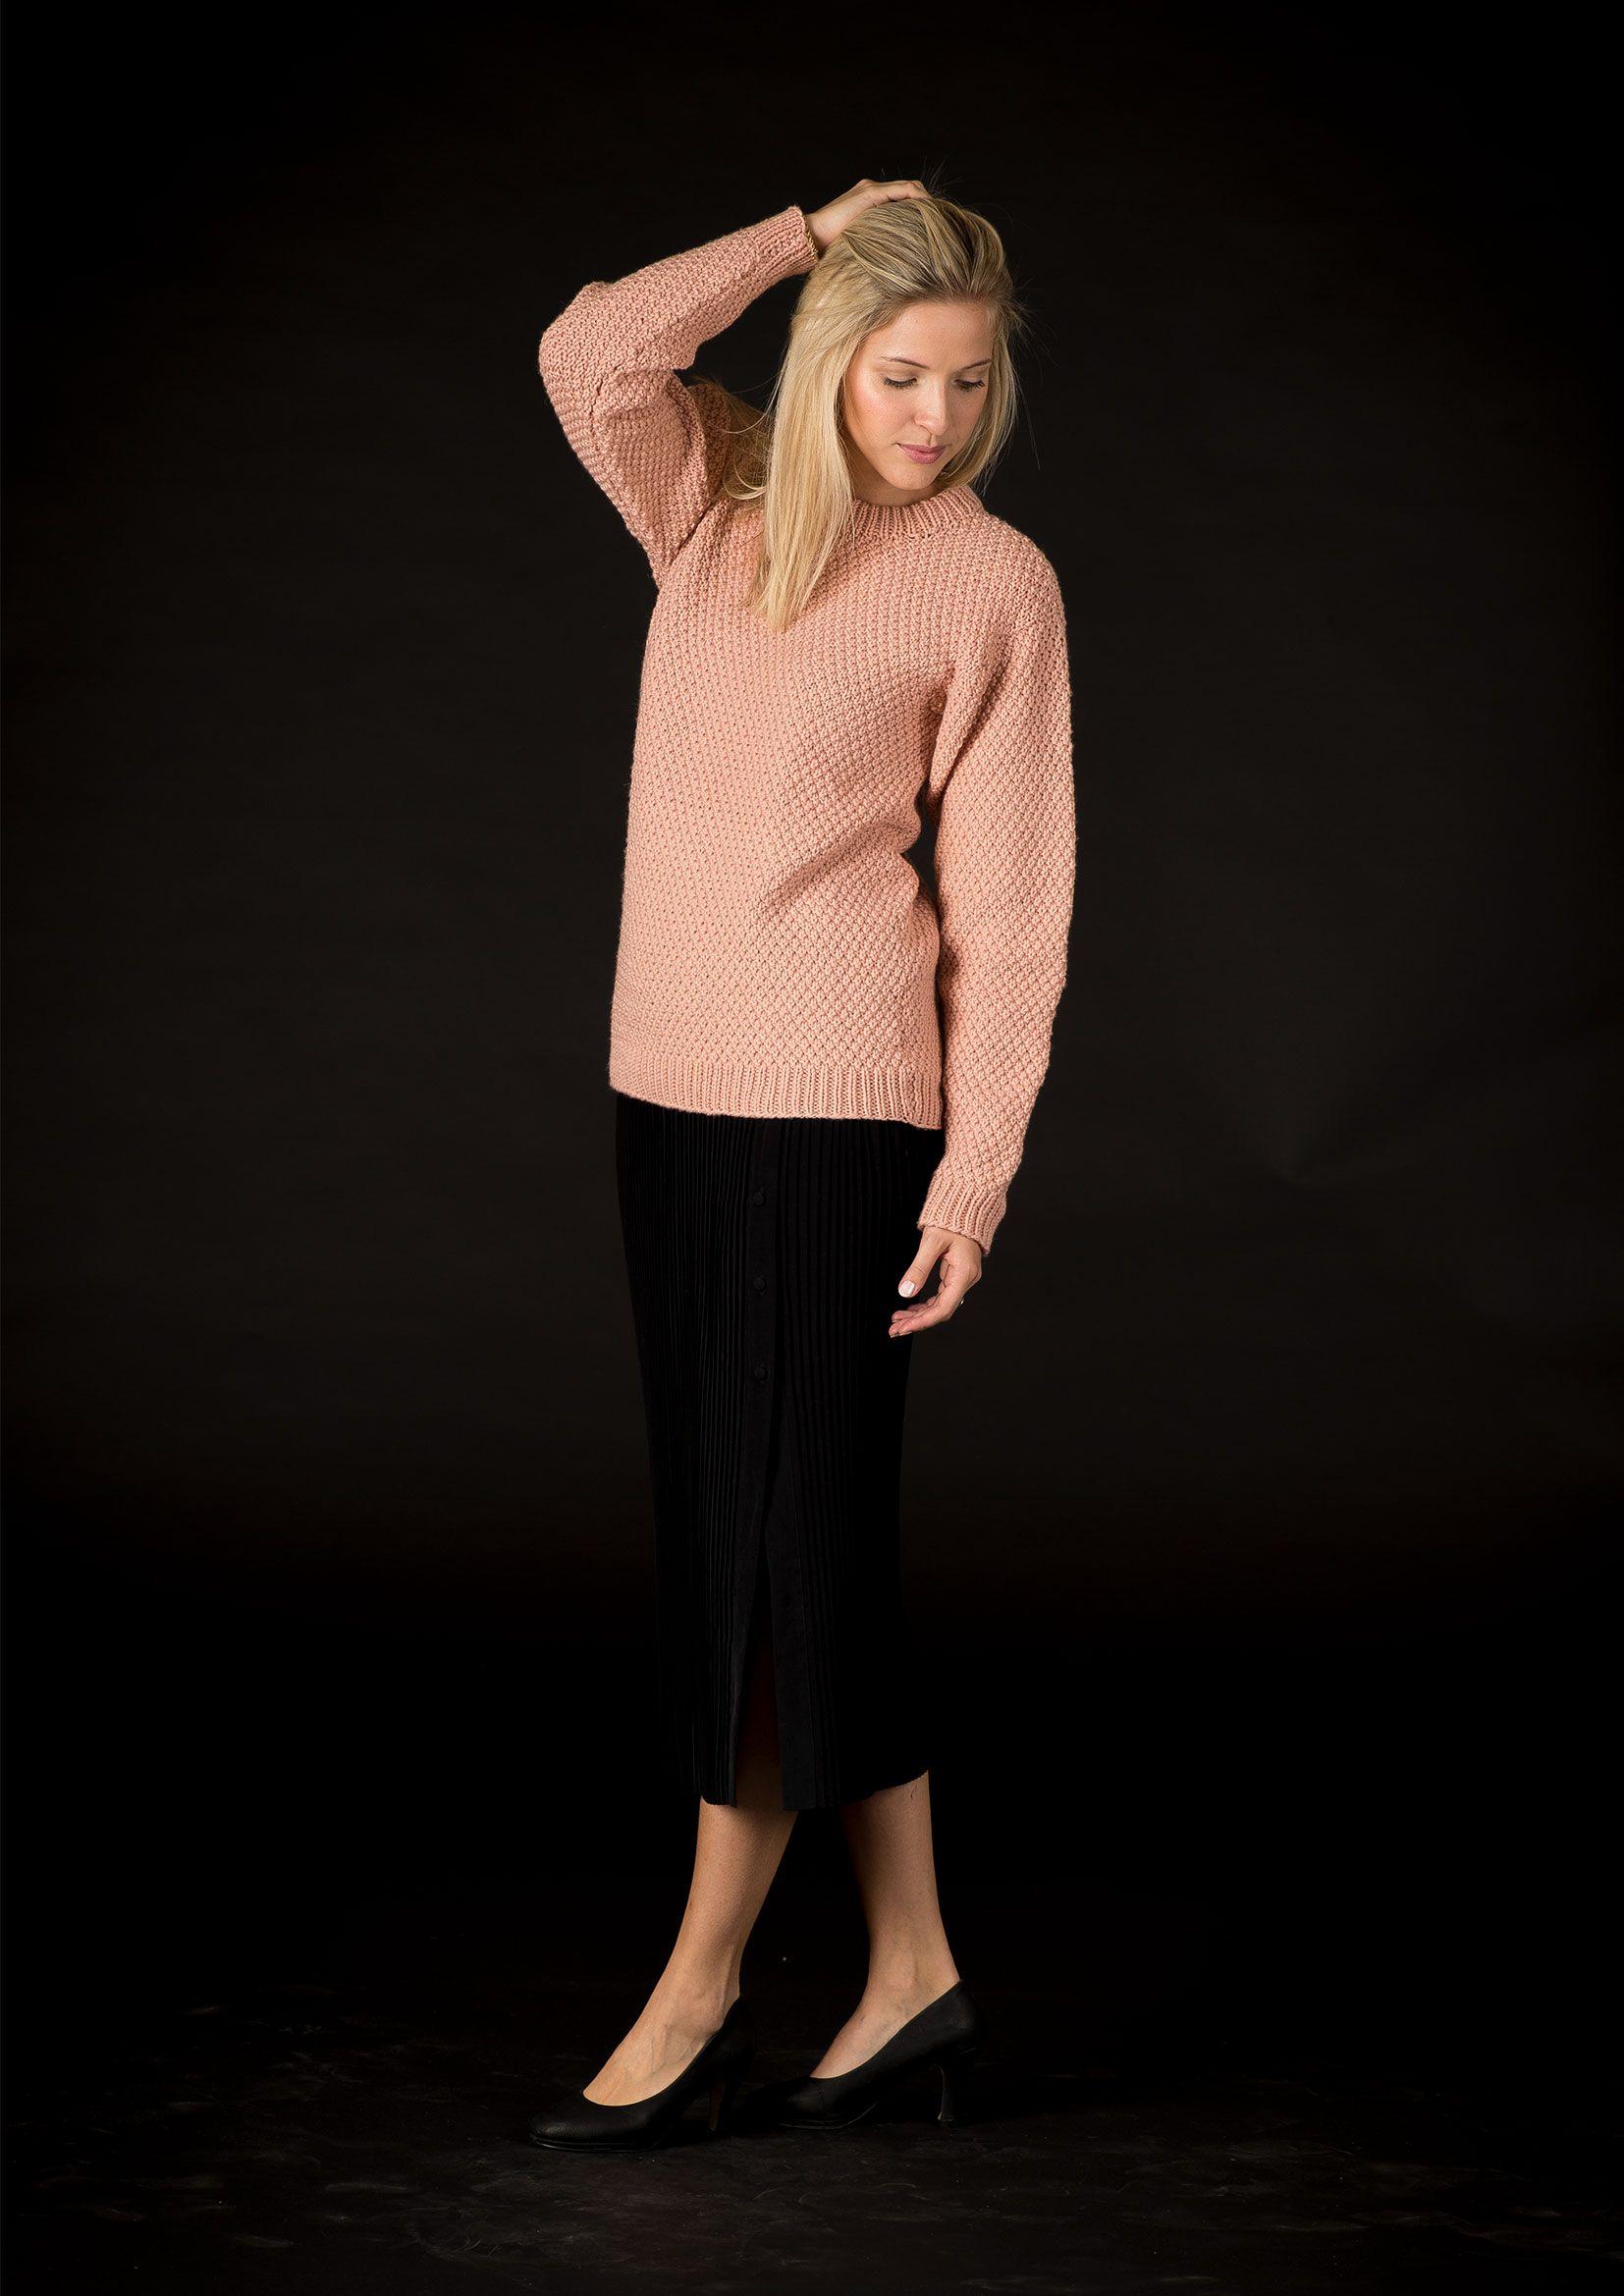 d75e86bd5d4 Enkel klassisk mønsterstrikket sweater med påsatte ærmer strikket i  Mayflower Easy Care Big. Denne smukke